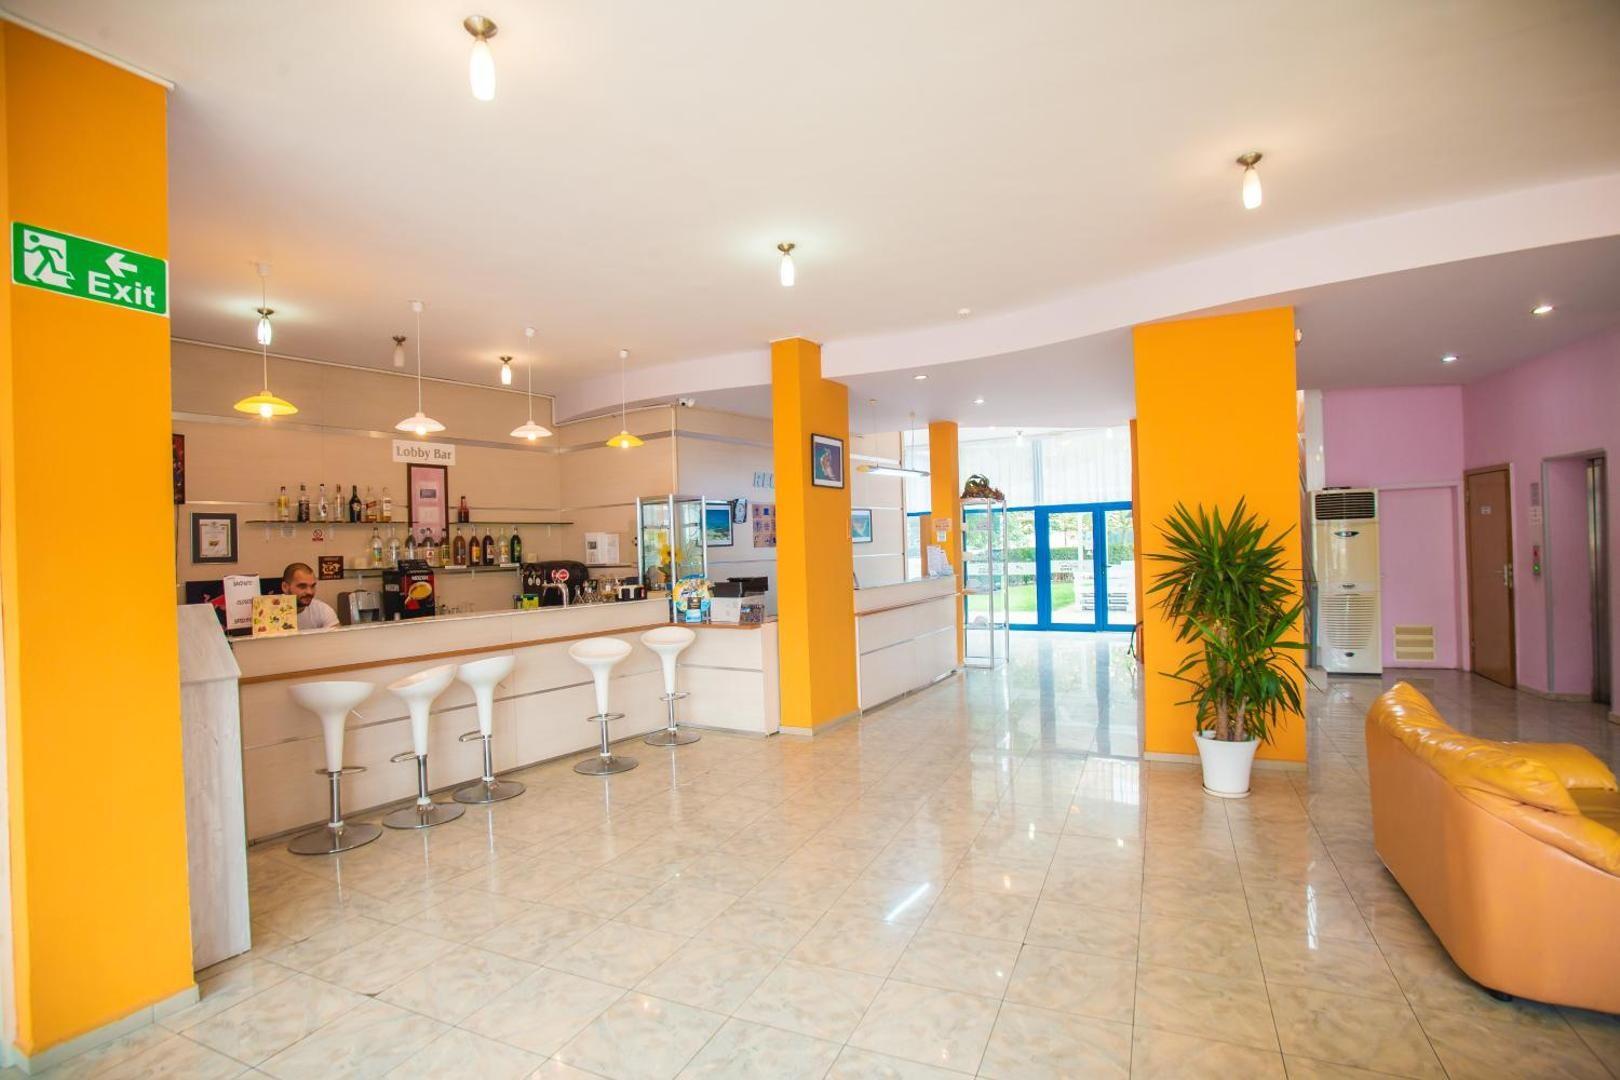 Хотел Бохеми - лоби бар